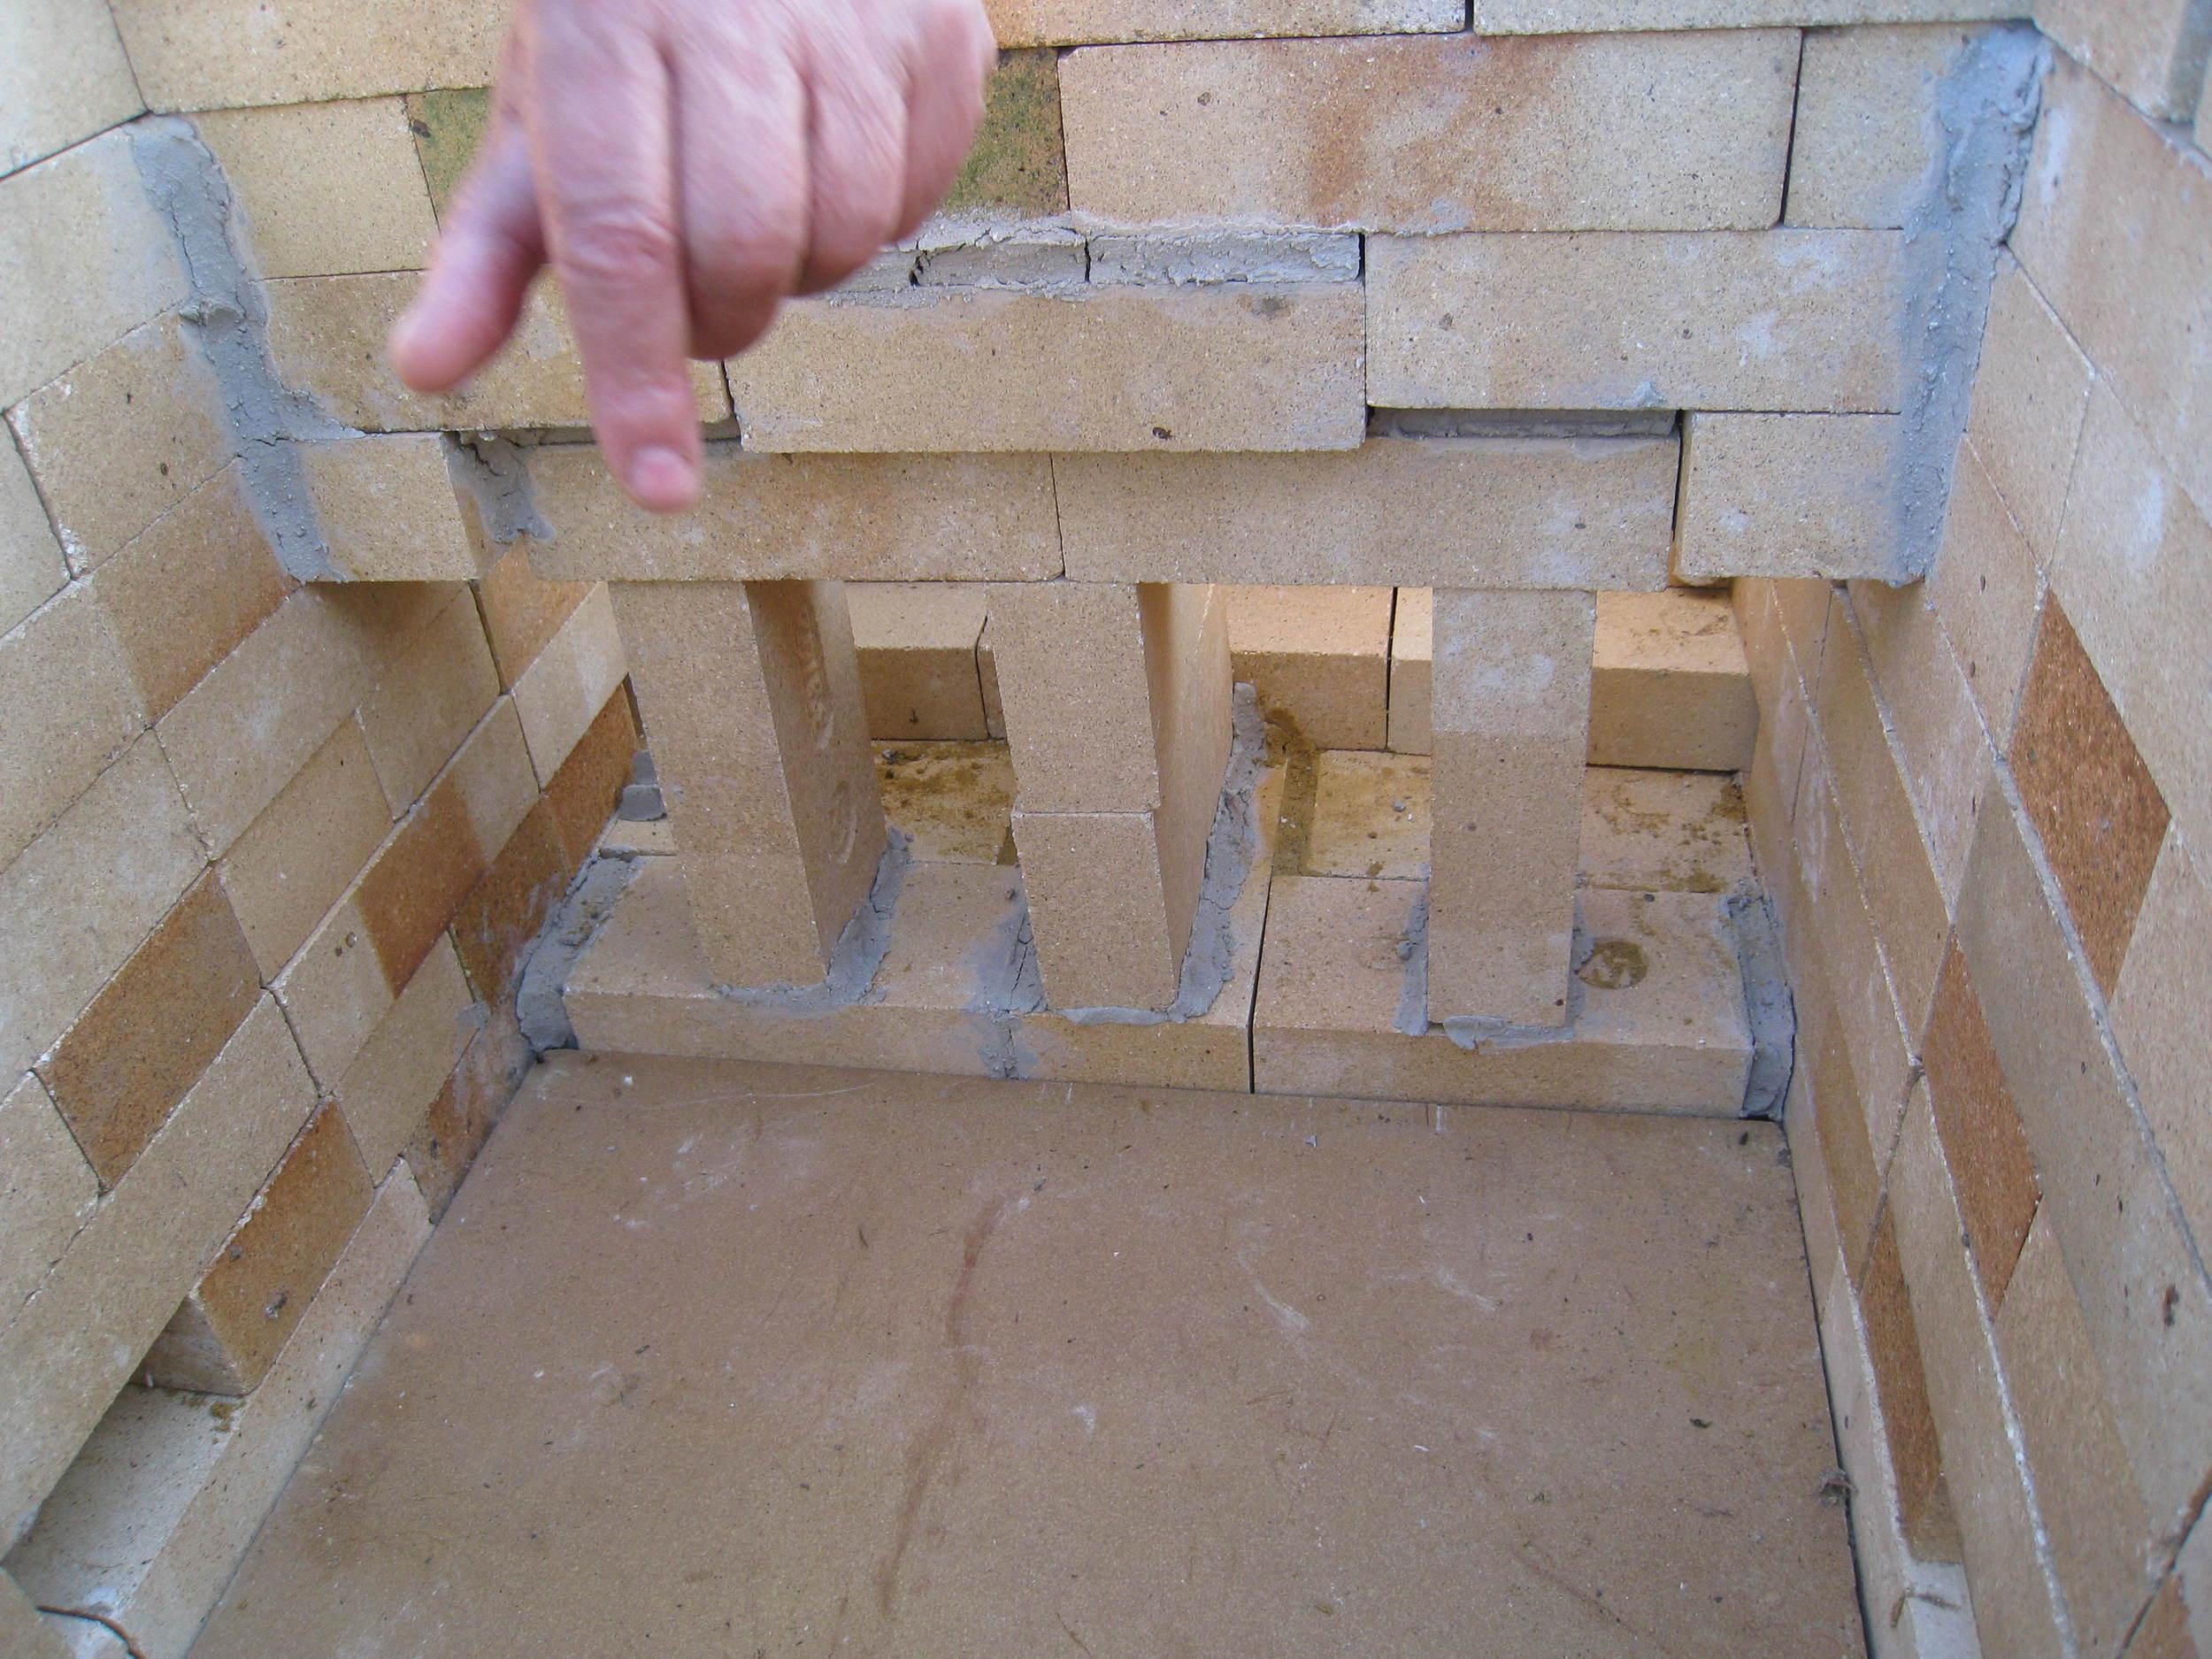 Esta es por supuesto otra opción: construirlo todo de ladrillo, tanto la pared interna de la chimenea como los soportes para el paso del fuego y el humo. En este horno, una compañera lo hizo así, cementando los ladrillos como se ve en esta imagen hecha desde el interior de la cámara de cocción.